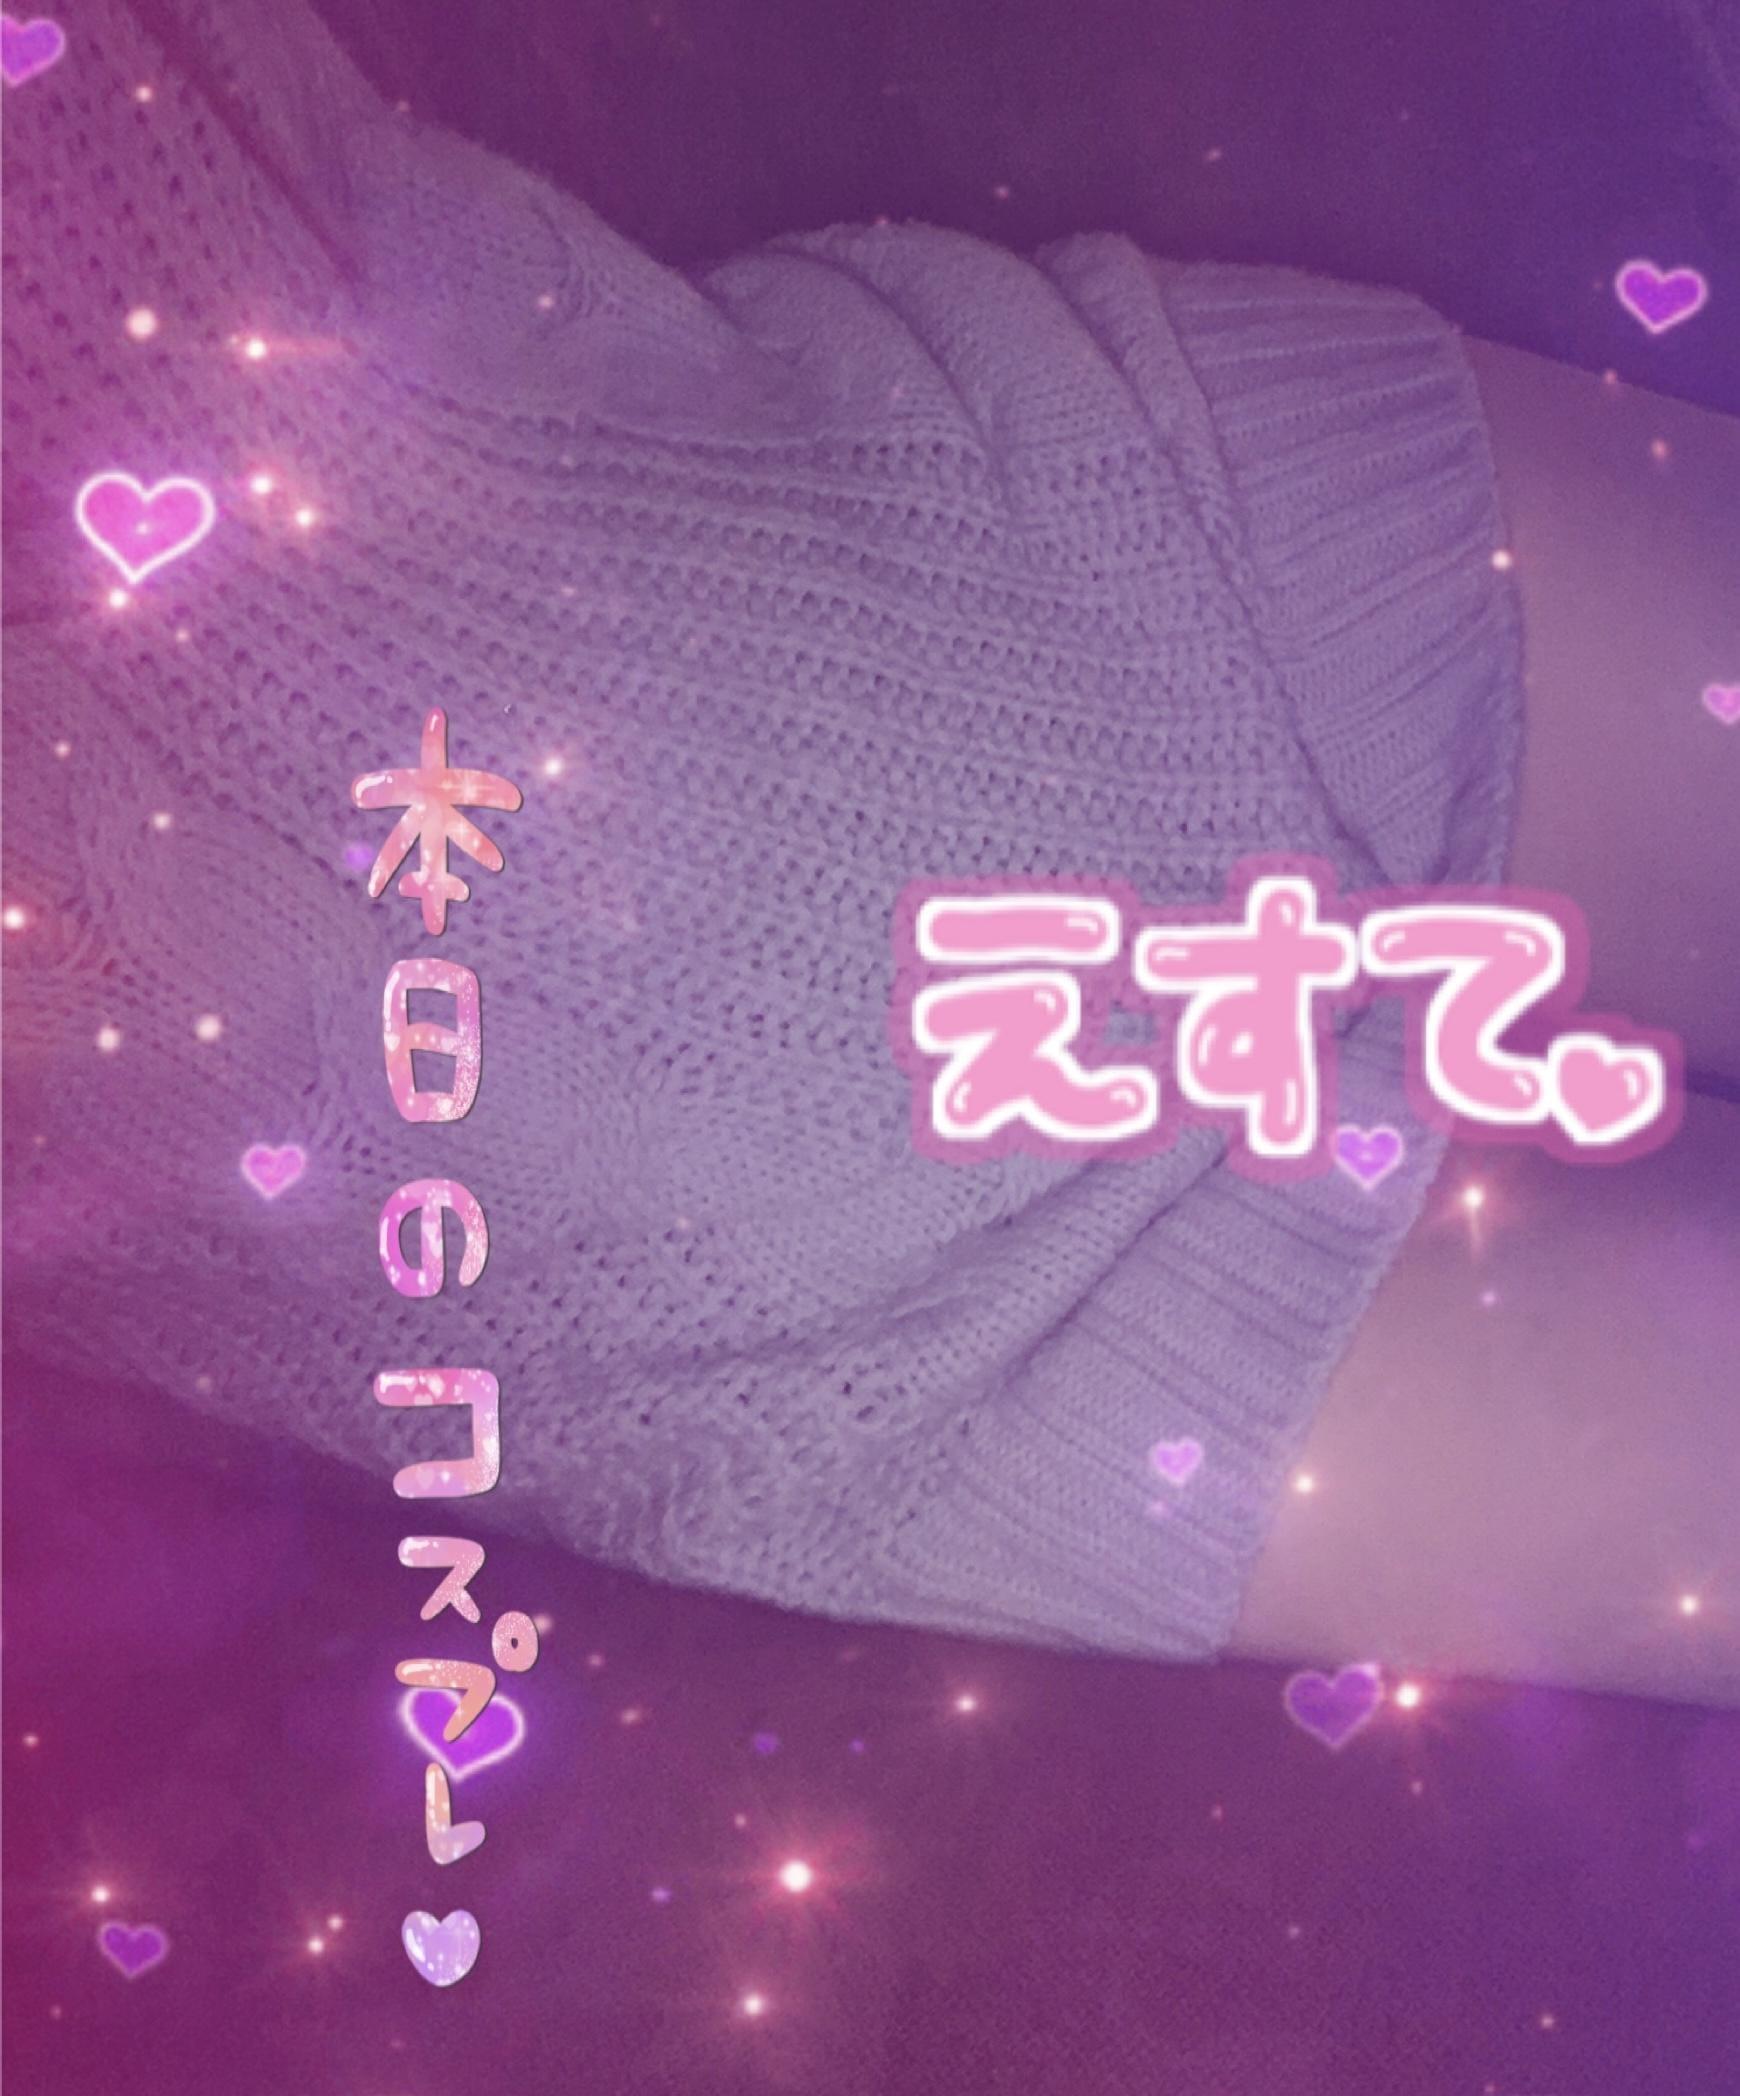 「イケ!!」02/26(金) 01:45 | 愛沢リリの写メ日記